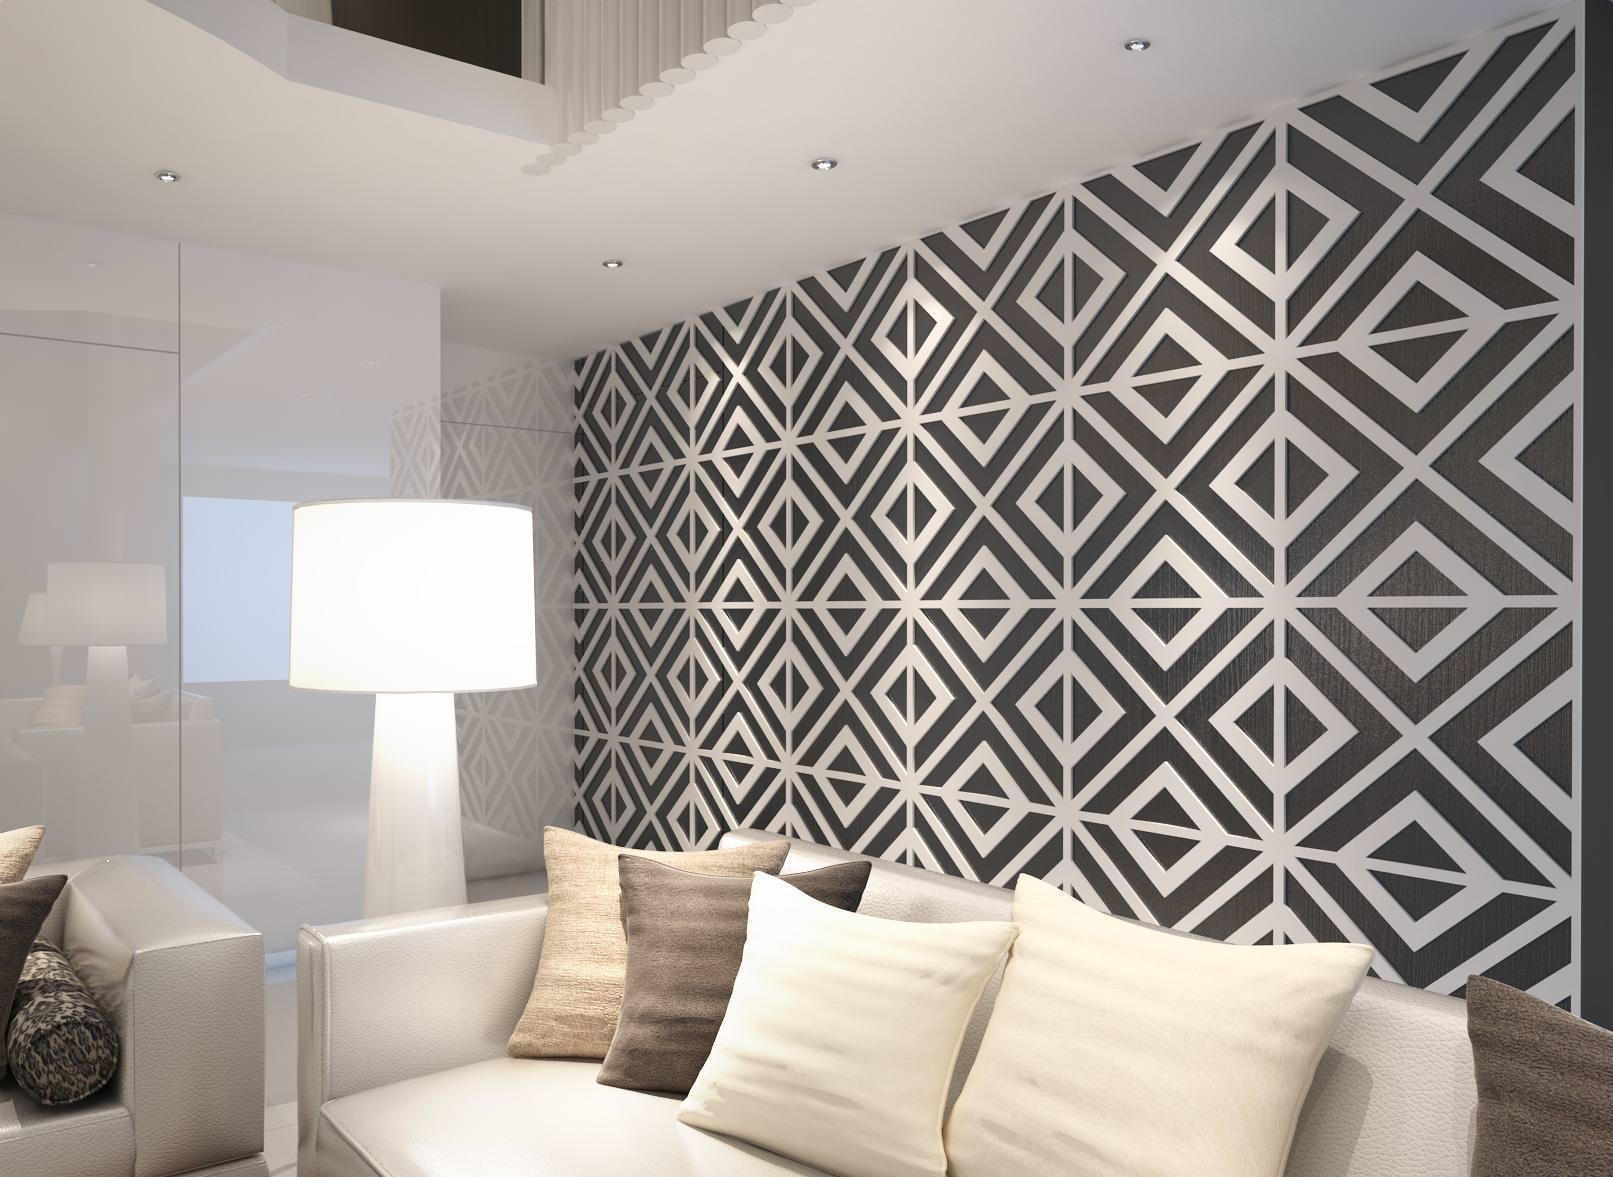 Paredes 3d padr o moderno for Papel pintado para paredes 3d